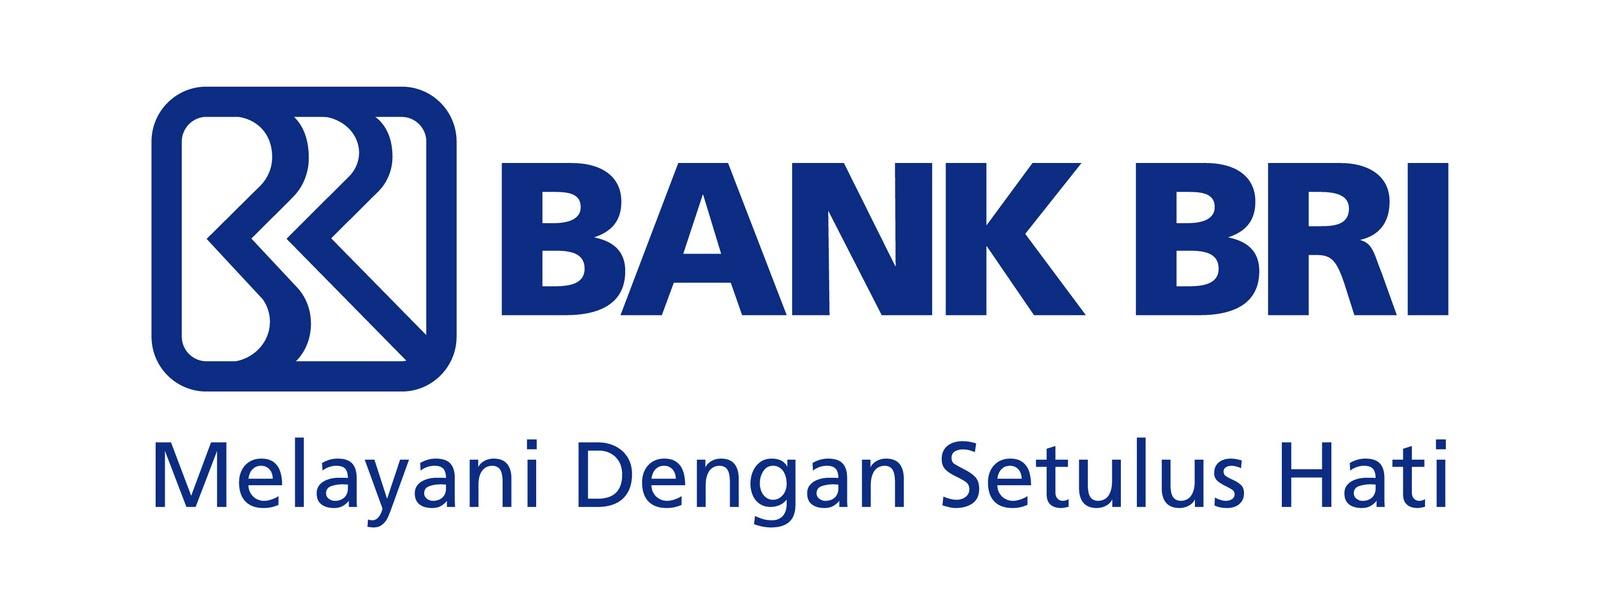 Prosedur Dan Persyaratan Cara Meminjam Uang Di Bank Bri Terbaru